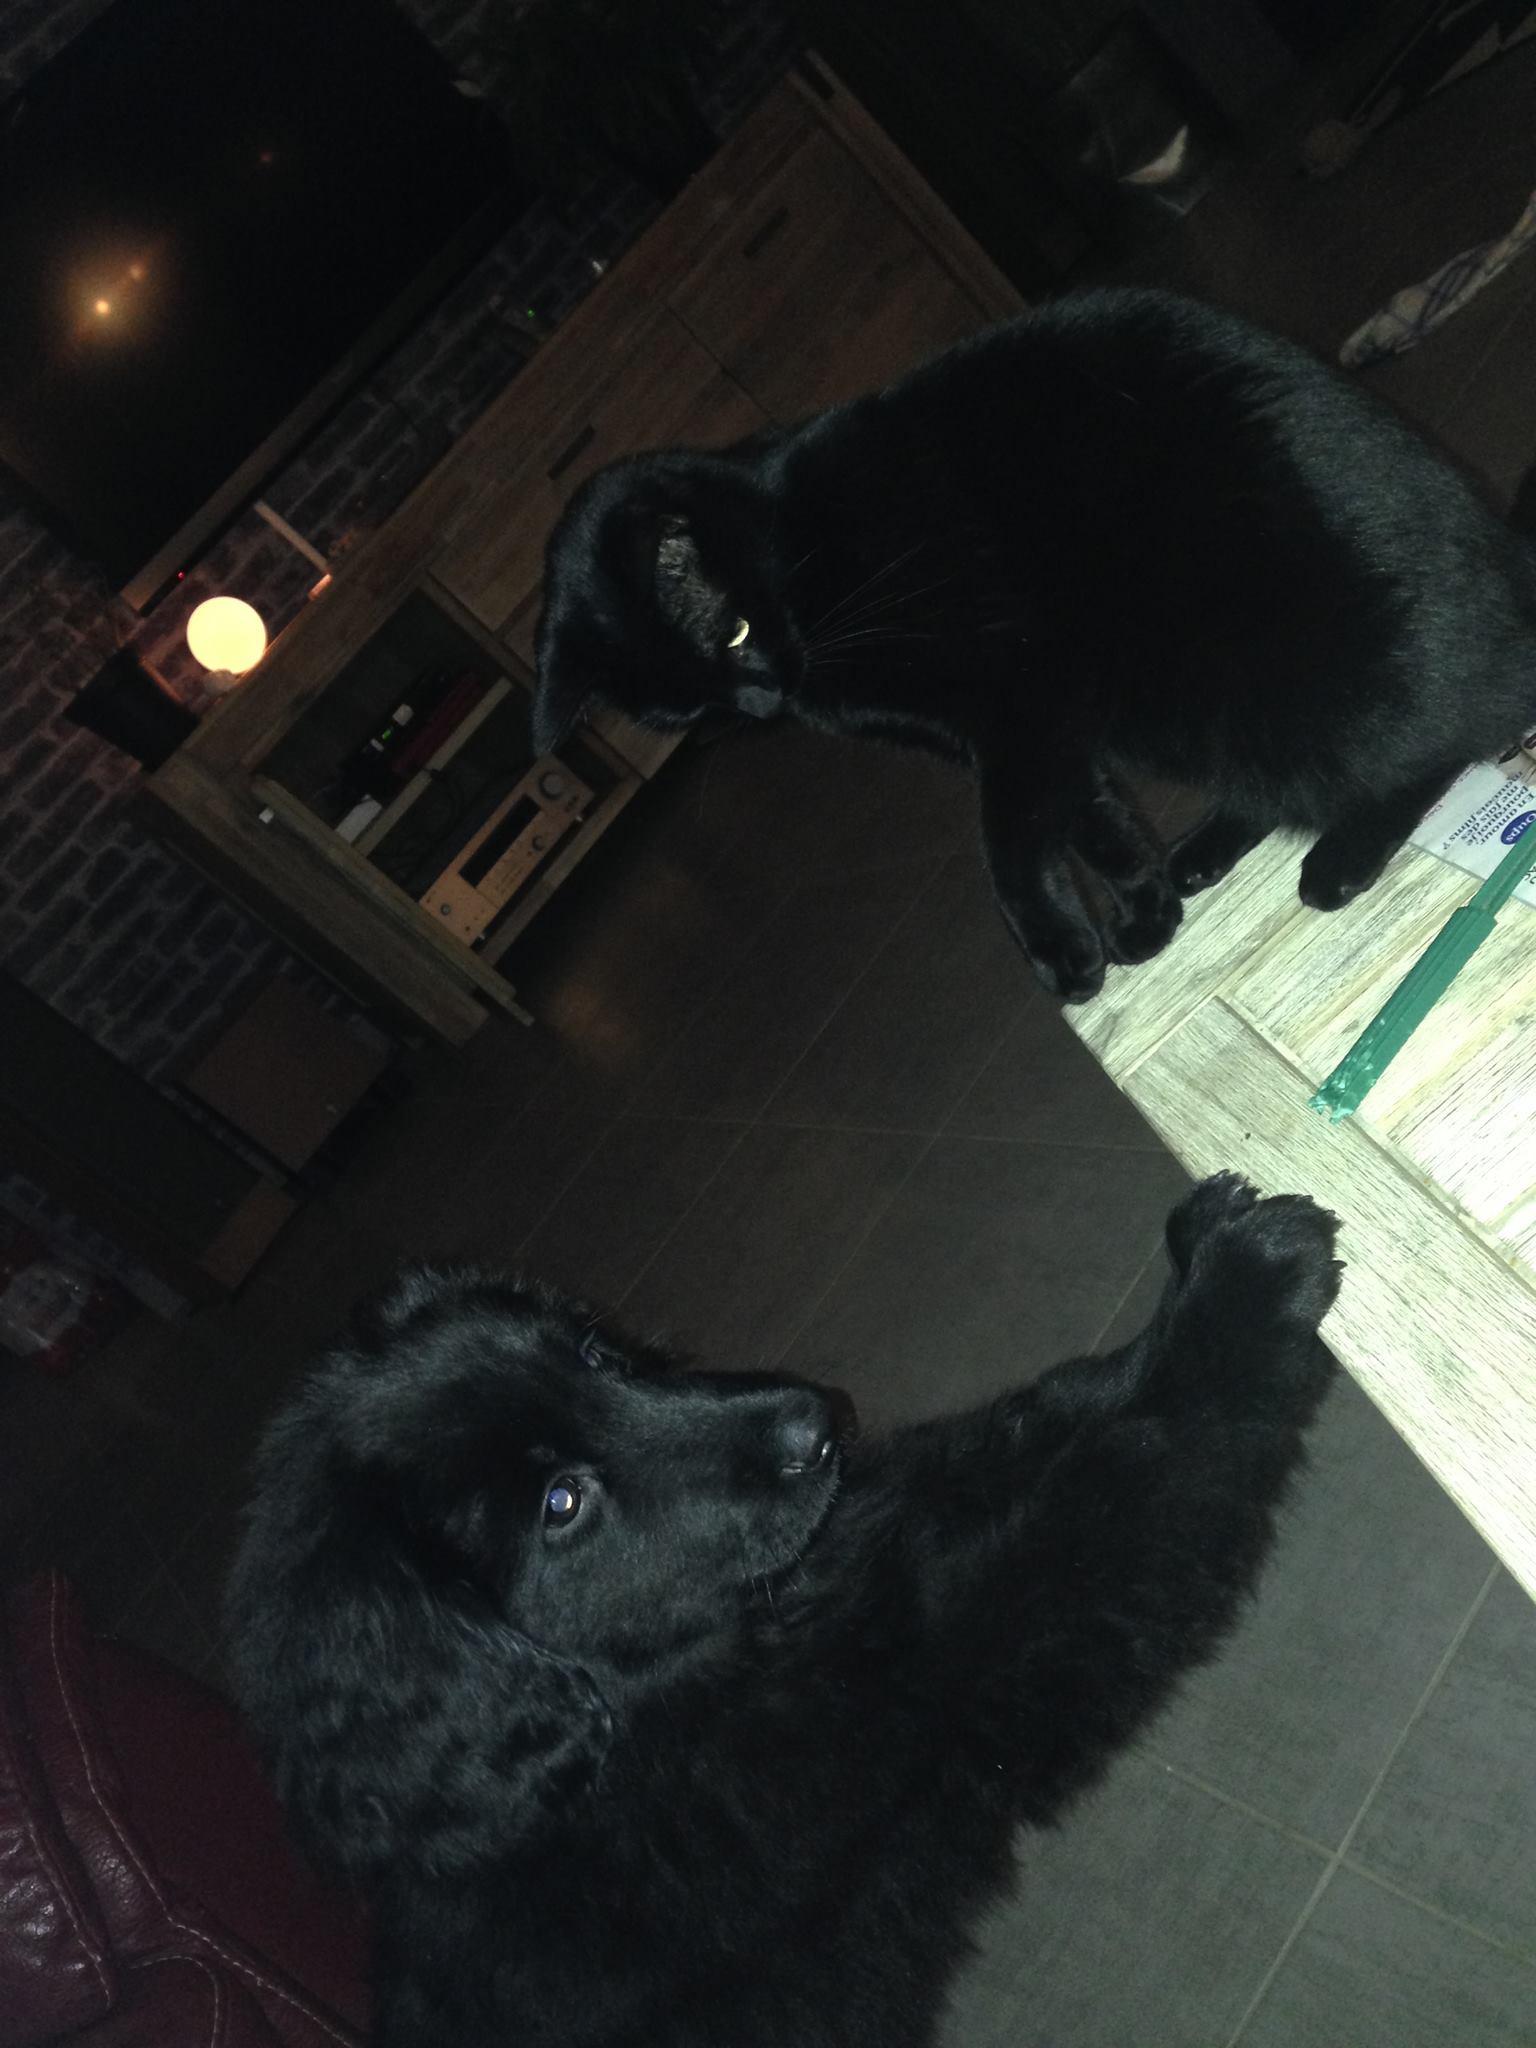 Jeskko des Leus Altiers et le chat 2014-11-07